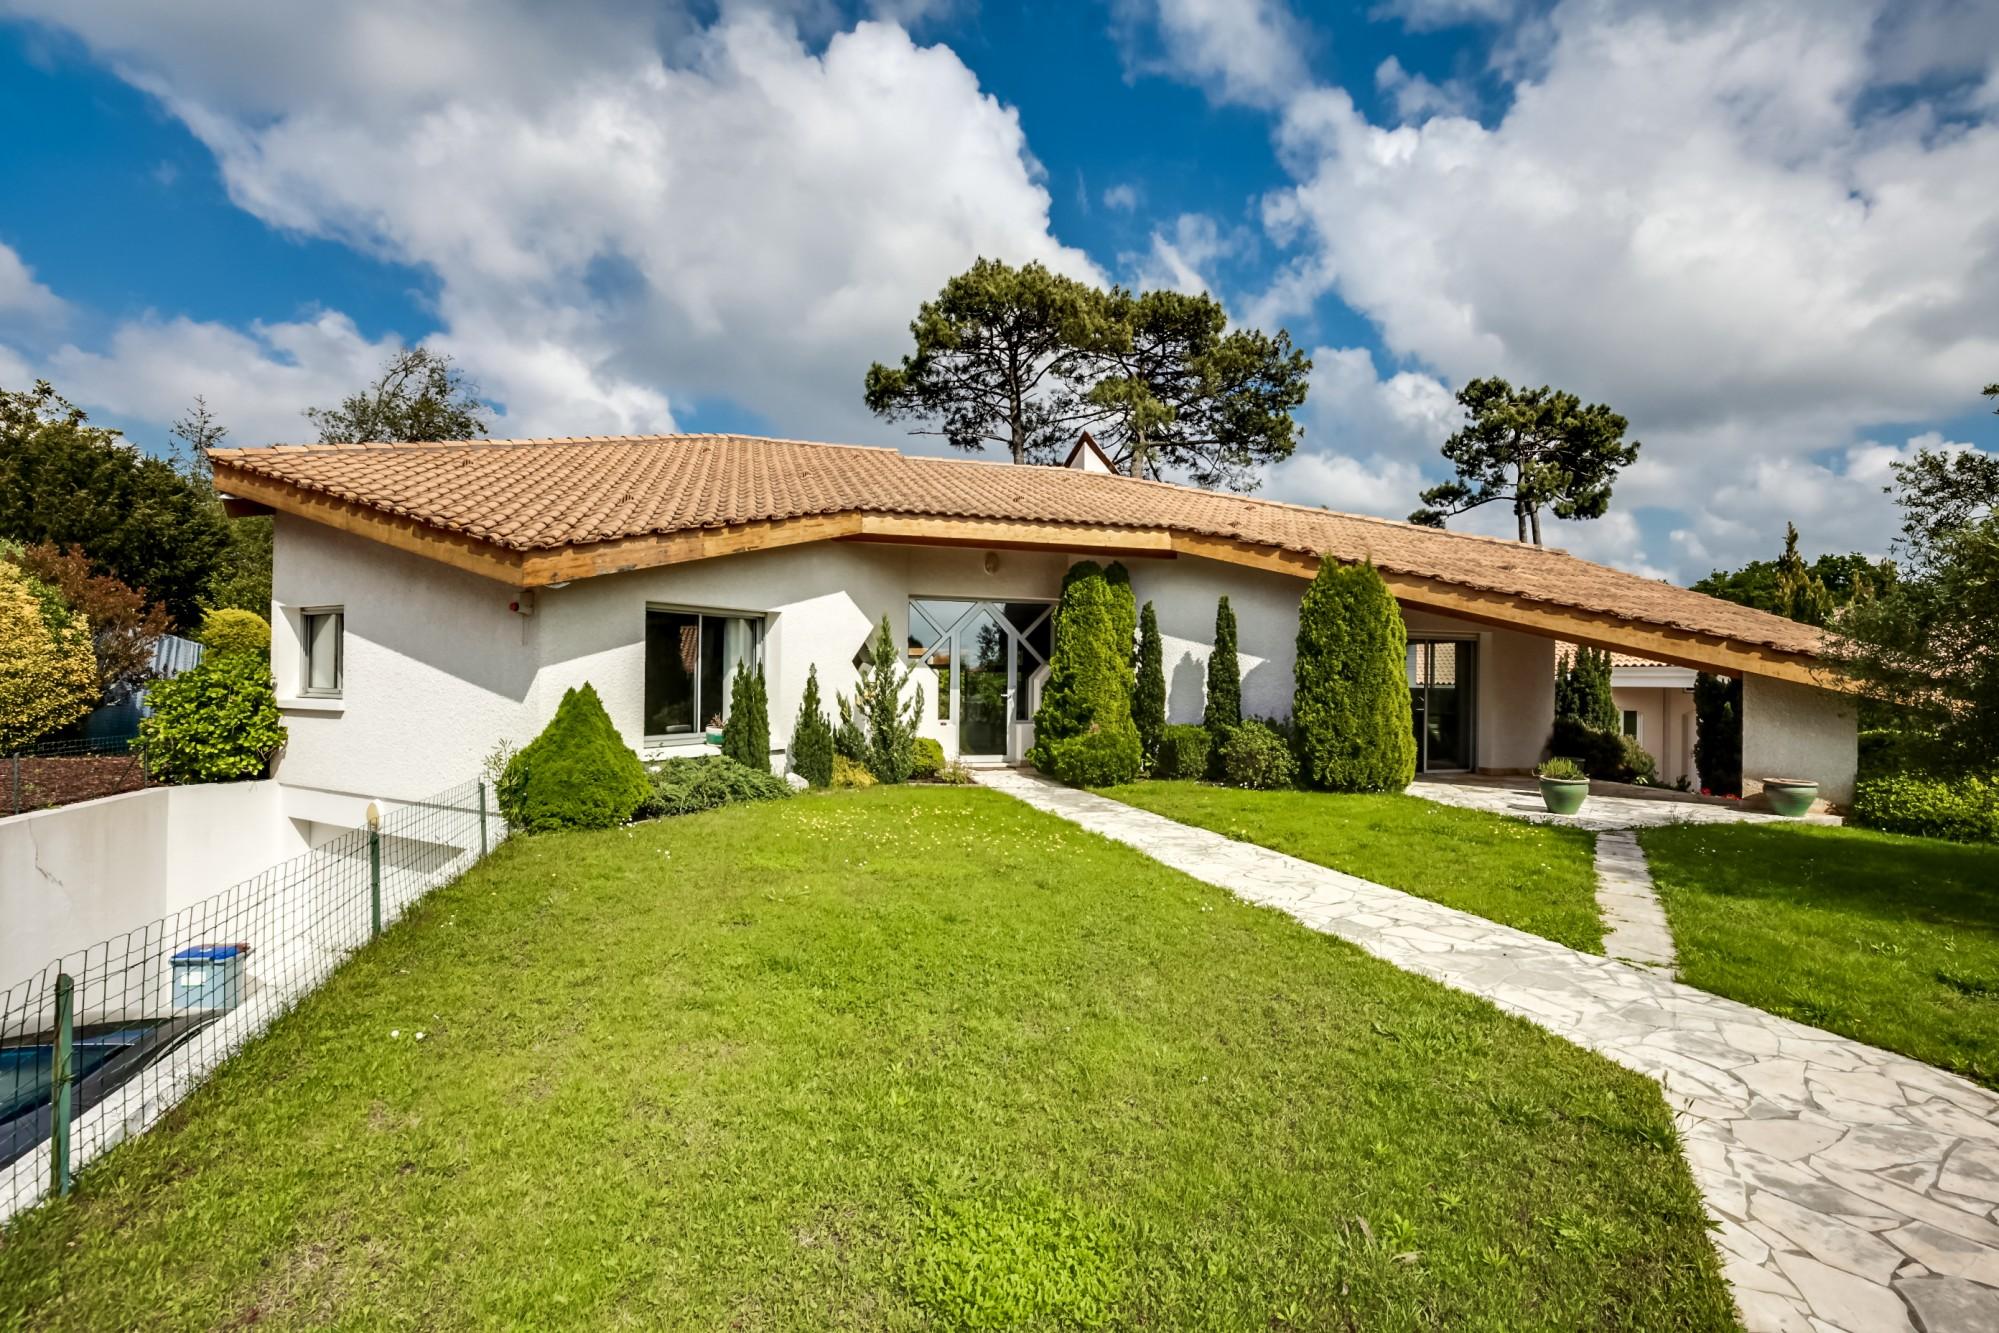 villa d 39 architecte avec terrain et piscine vendre pyla sur mer chapelle forestiere coldwell. Black Bedroom Furniture Sets. Home Design Ideas